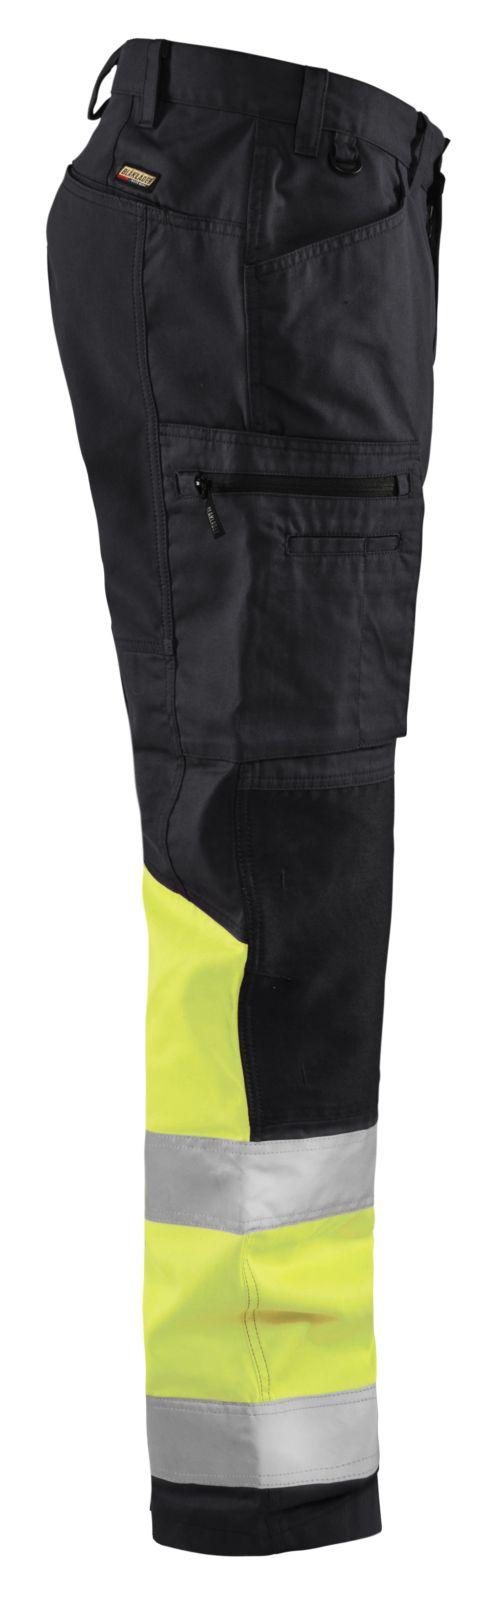 Blaklader Broeken 15511811 High Vis zwart-fluo geel(9933)